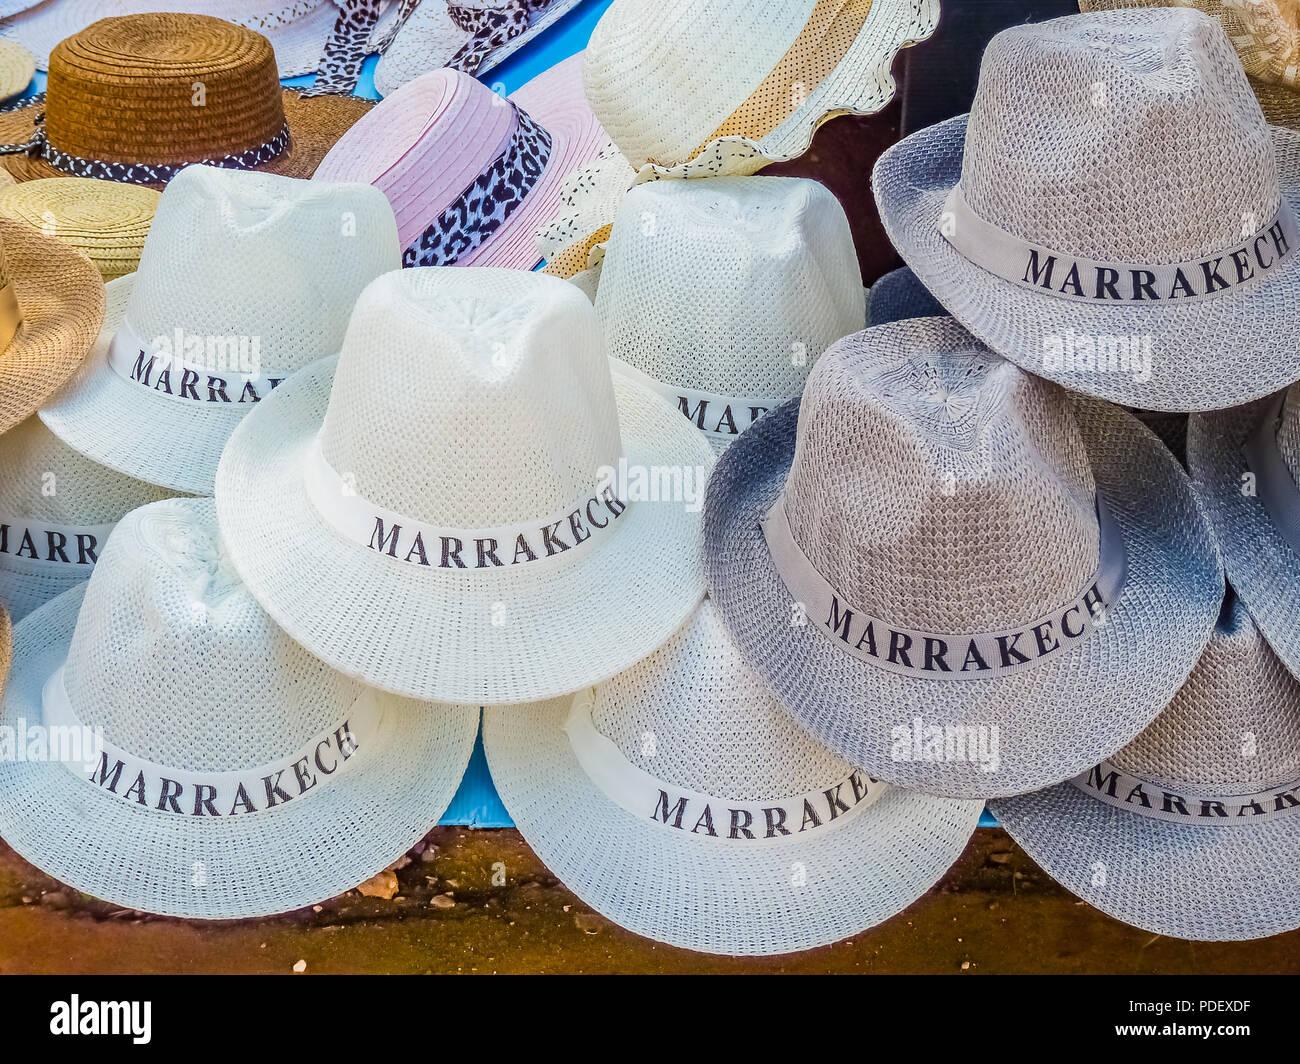 e140e9c7 Tourist souvenir fedora hats in a souk in Marrakech, Morocco - Stock Image